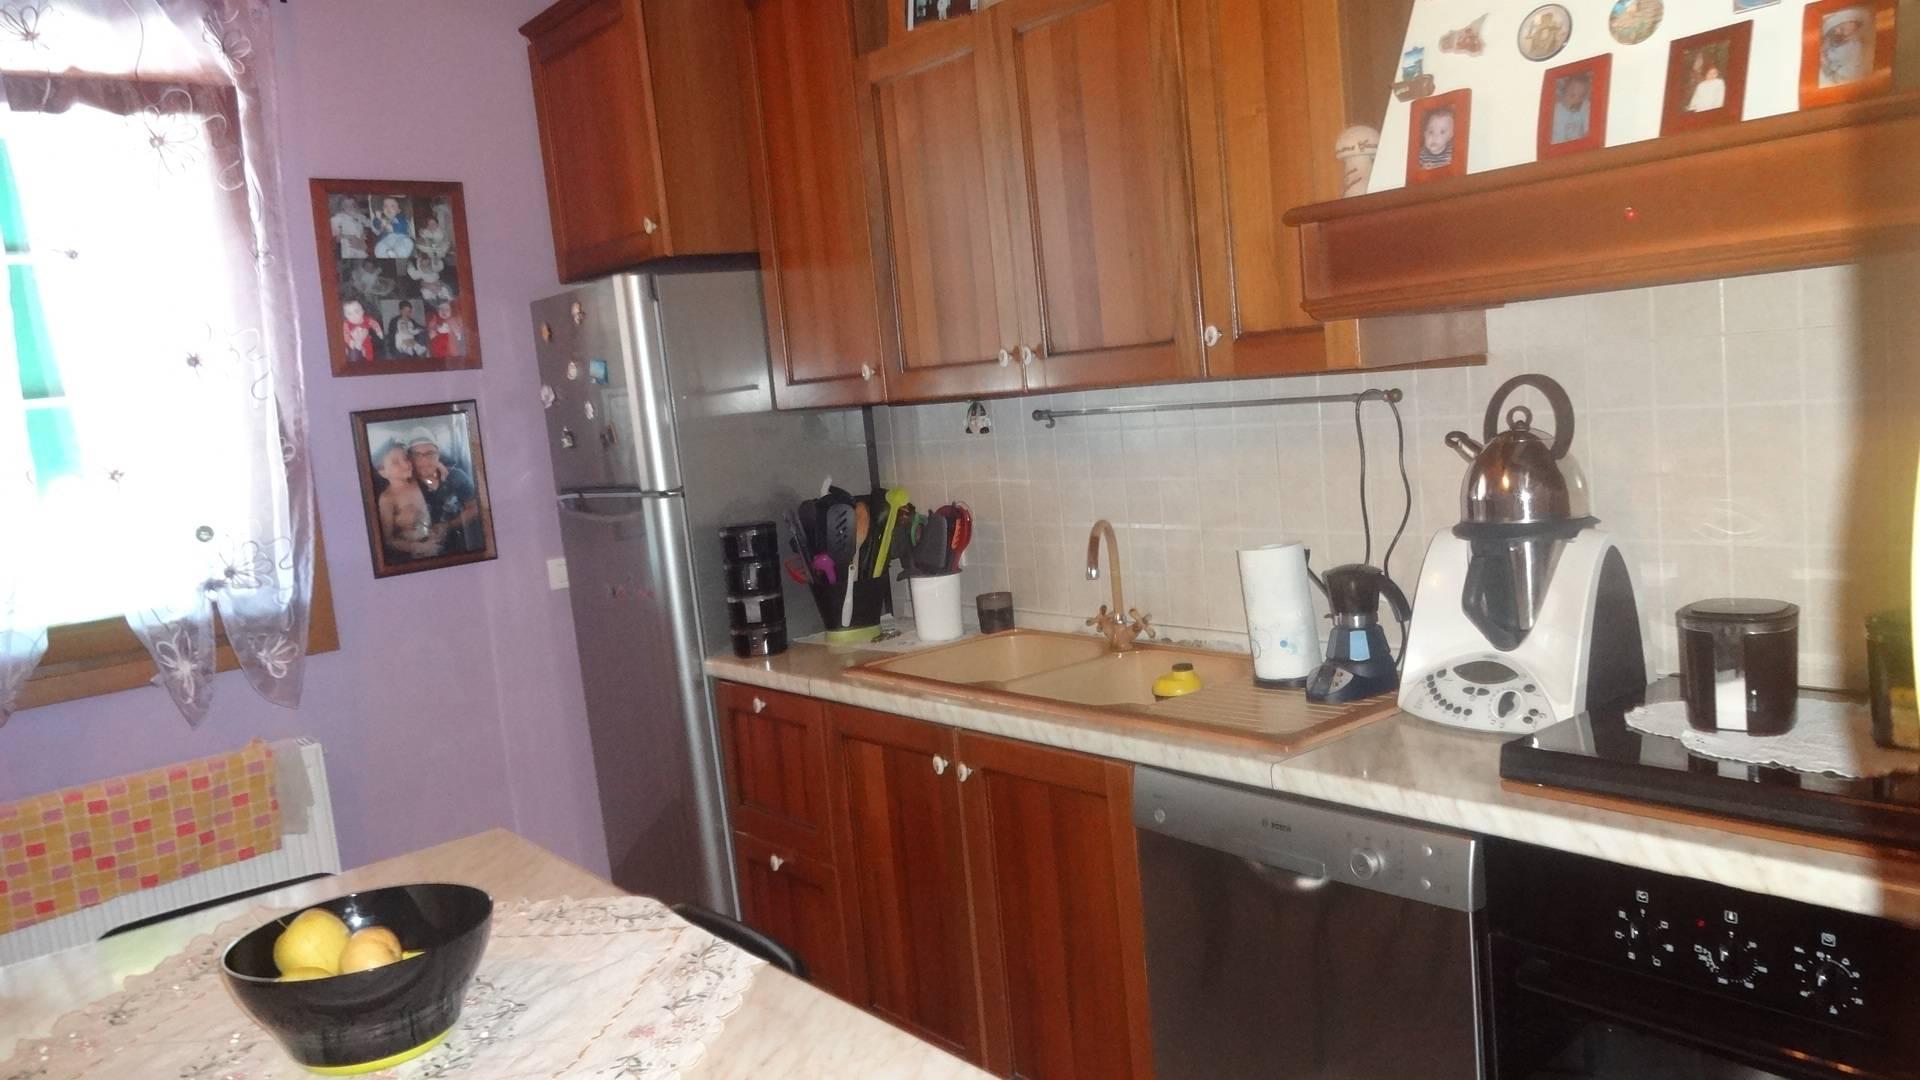 Appartamento in vendita a Montebelluna, 3 locali, zona Zona: Contea, prezzo € 120.000 | Cambio Casa.it